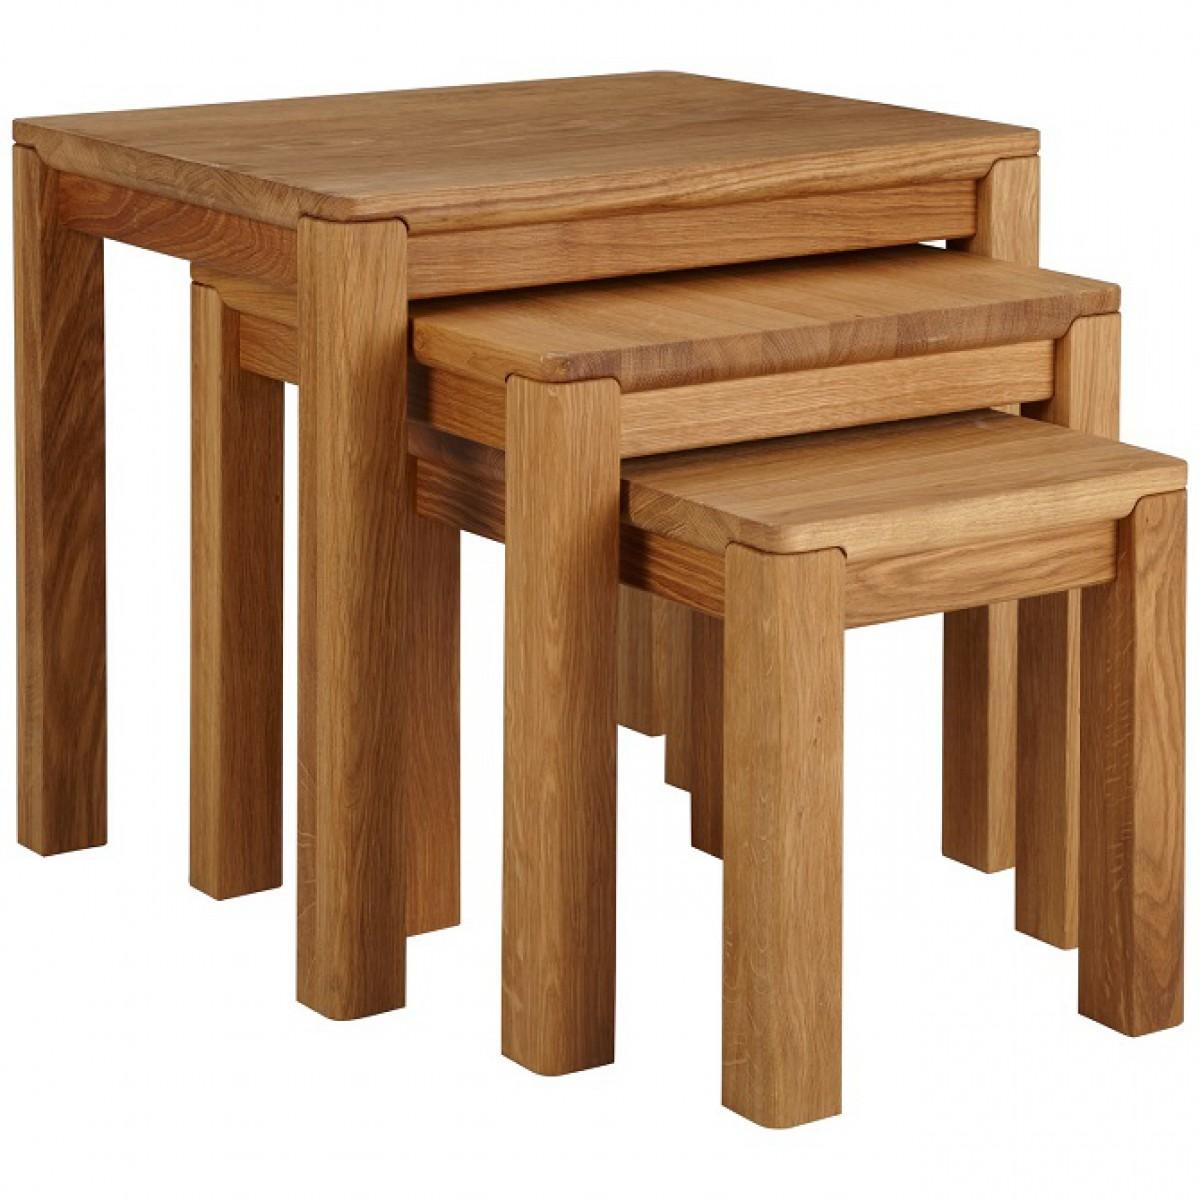 soho nest of 3 tables. Black Bedroom Furniture Sets. Home Design Ideas